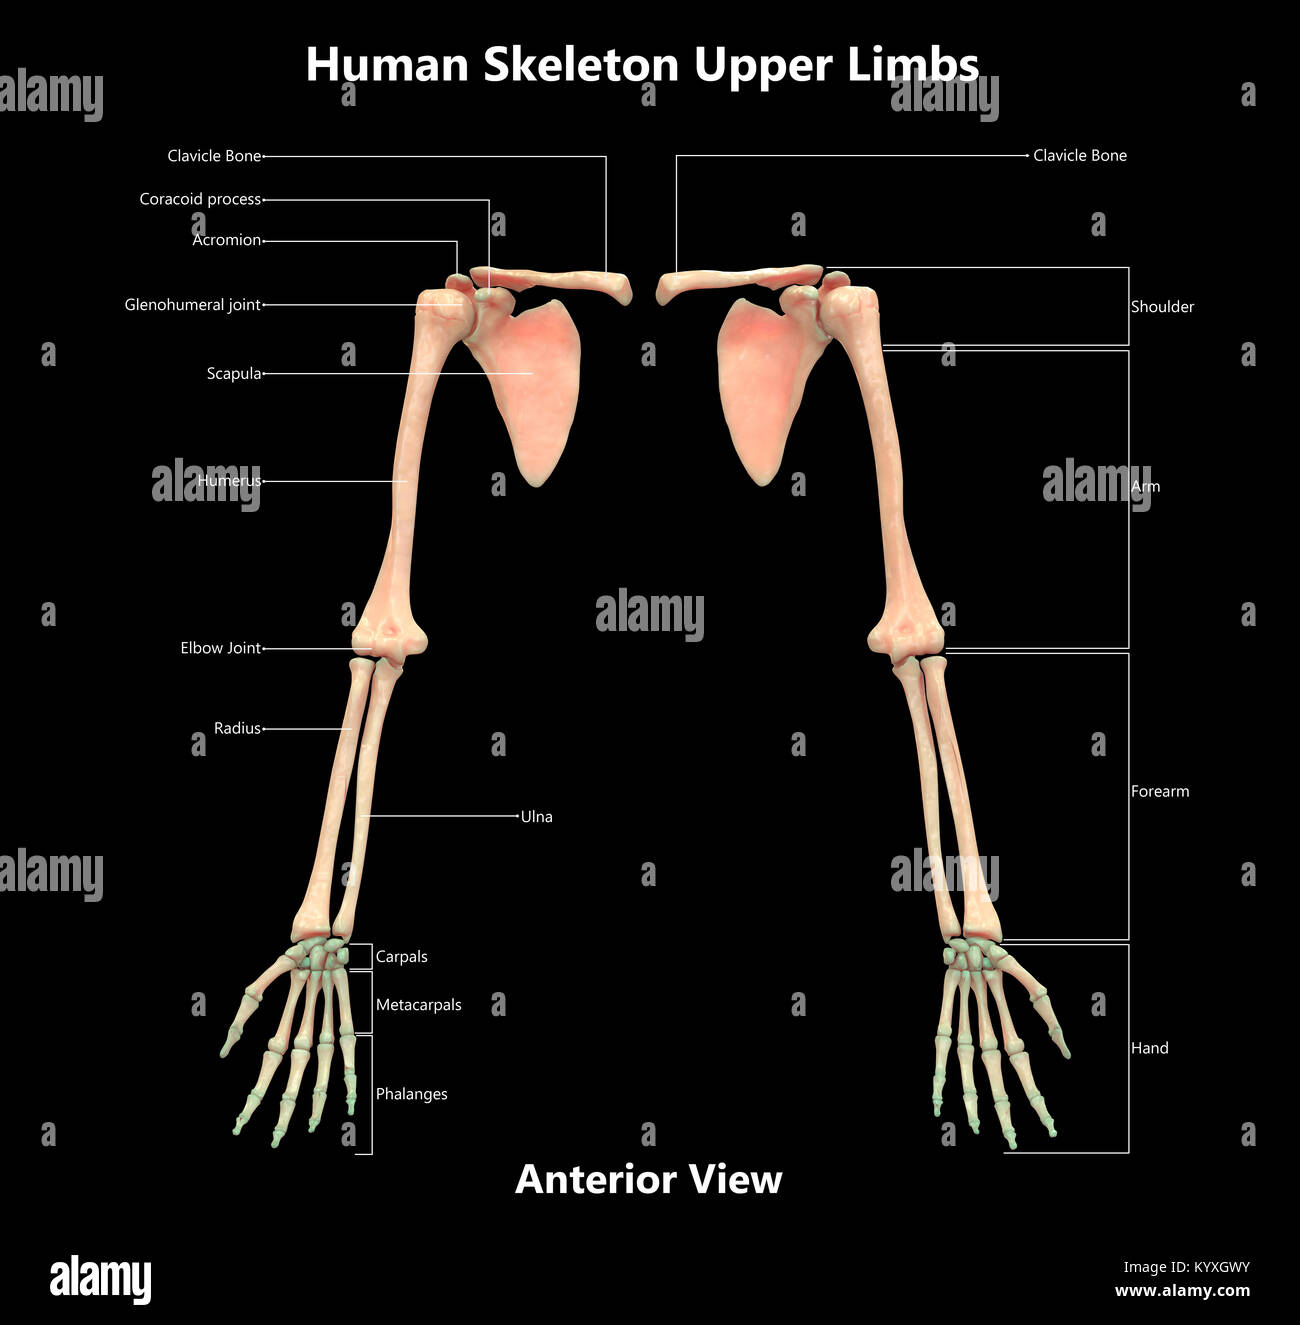 Increíble Huesos Humanos Etiquetados Friso - Imágenes de Anatomía ...